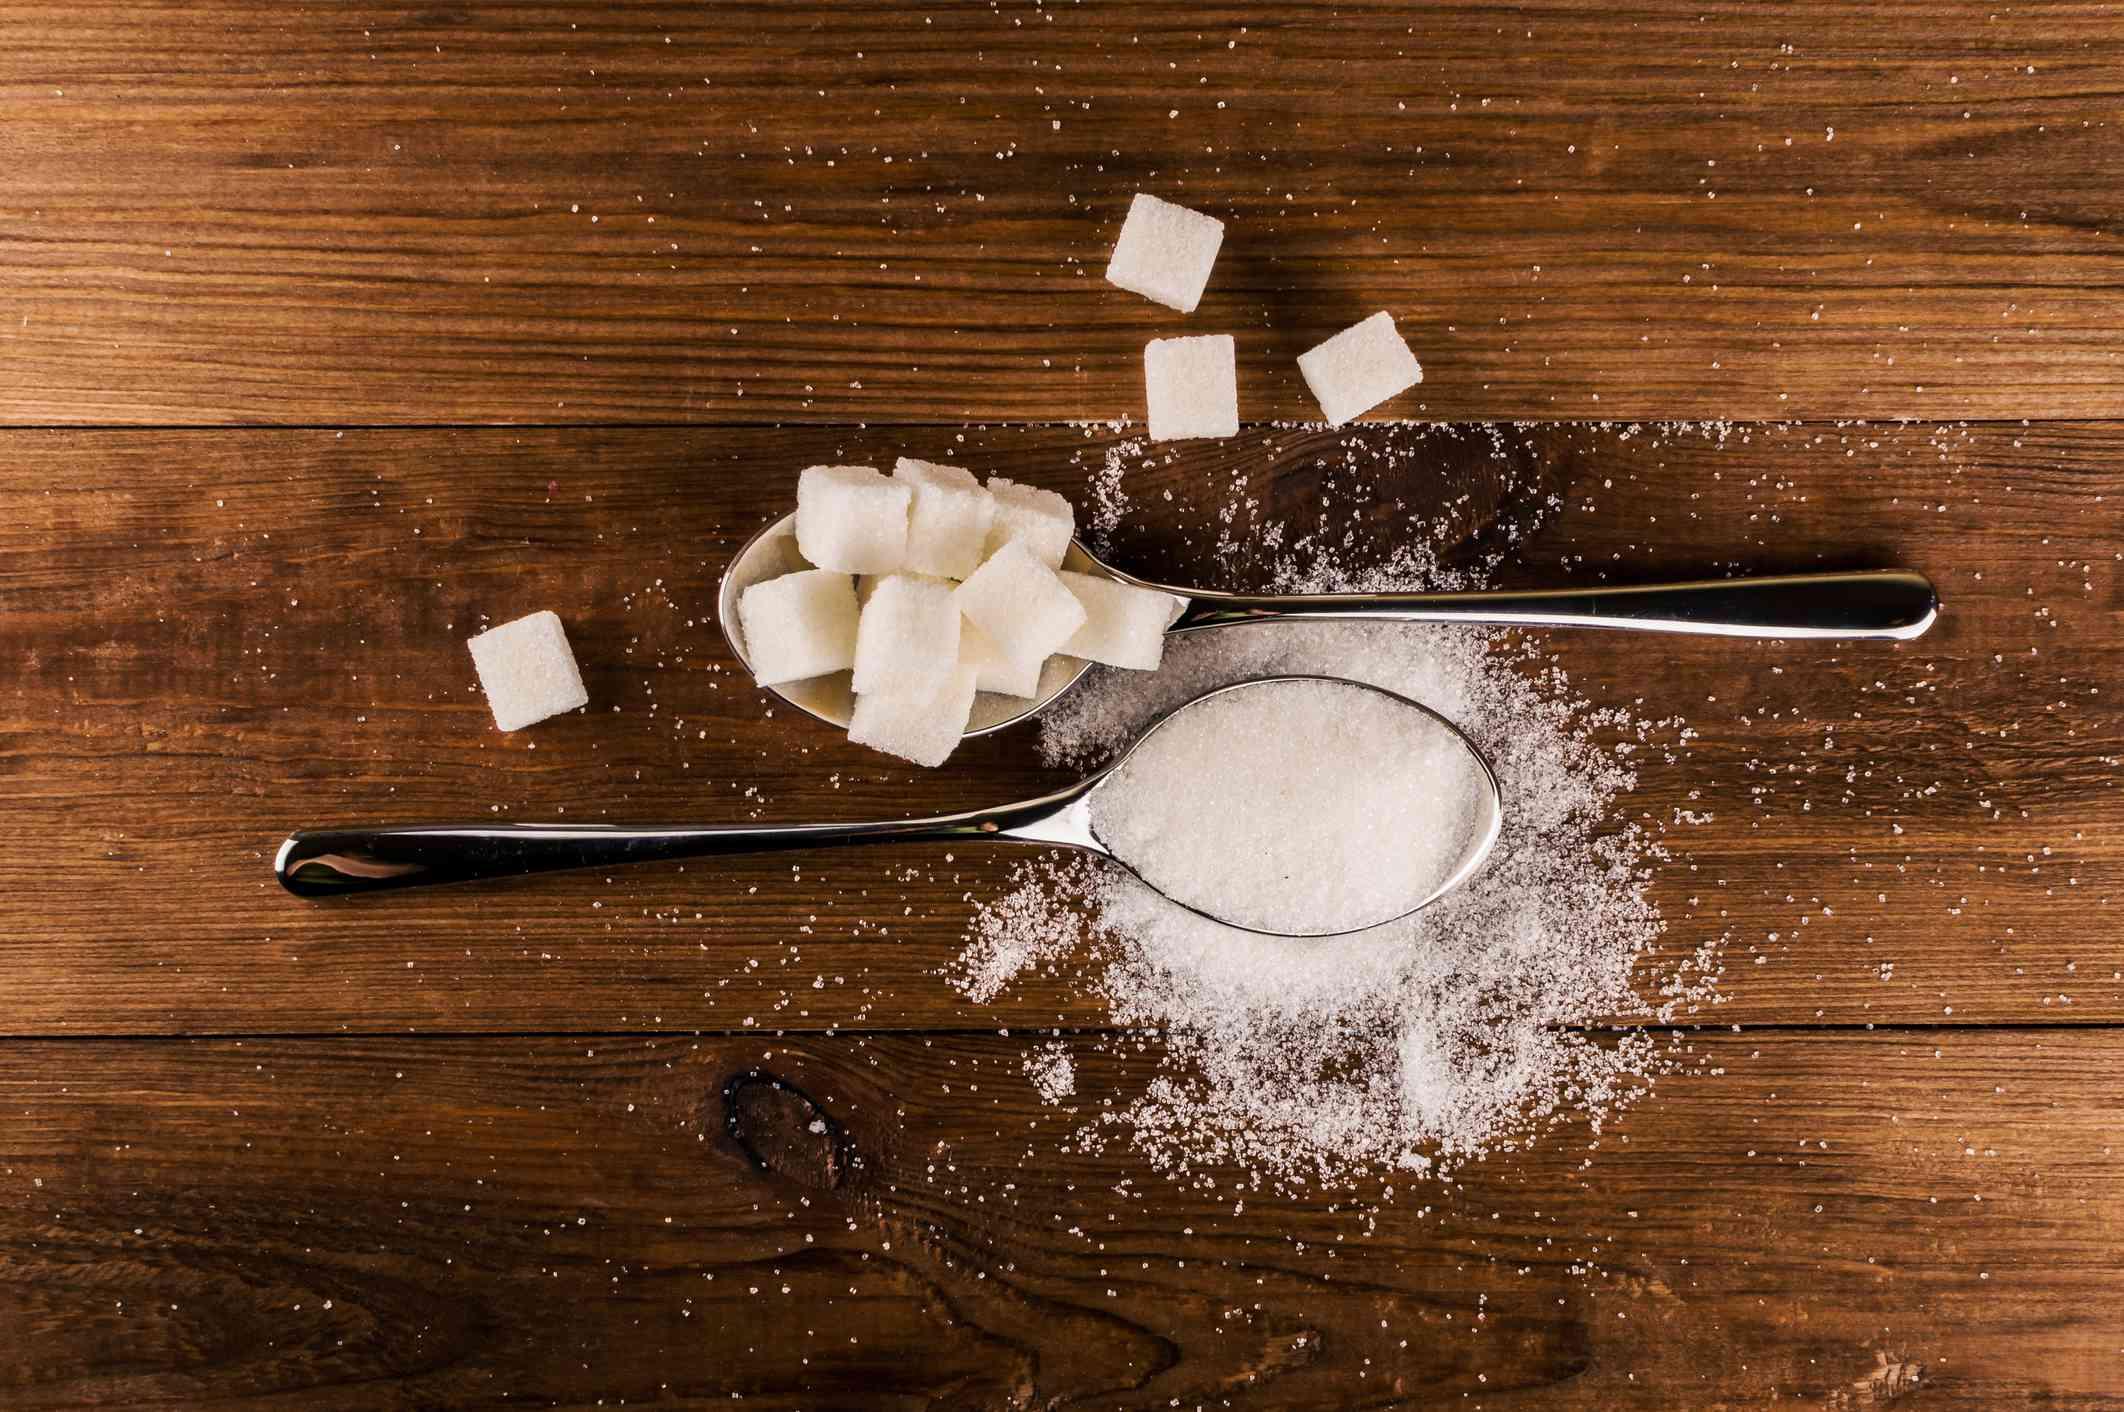 Spoons full of sugar cubes and powder sugar